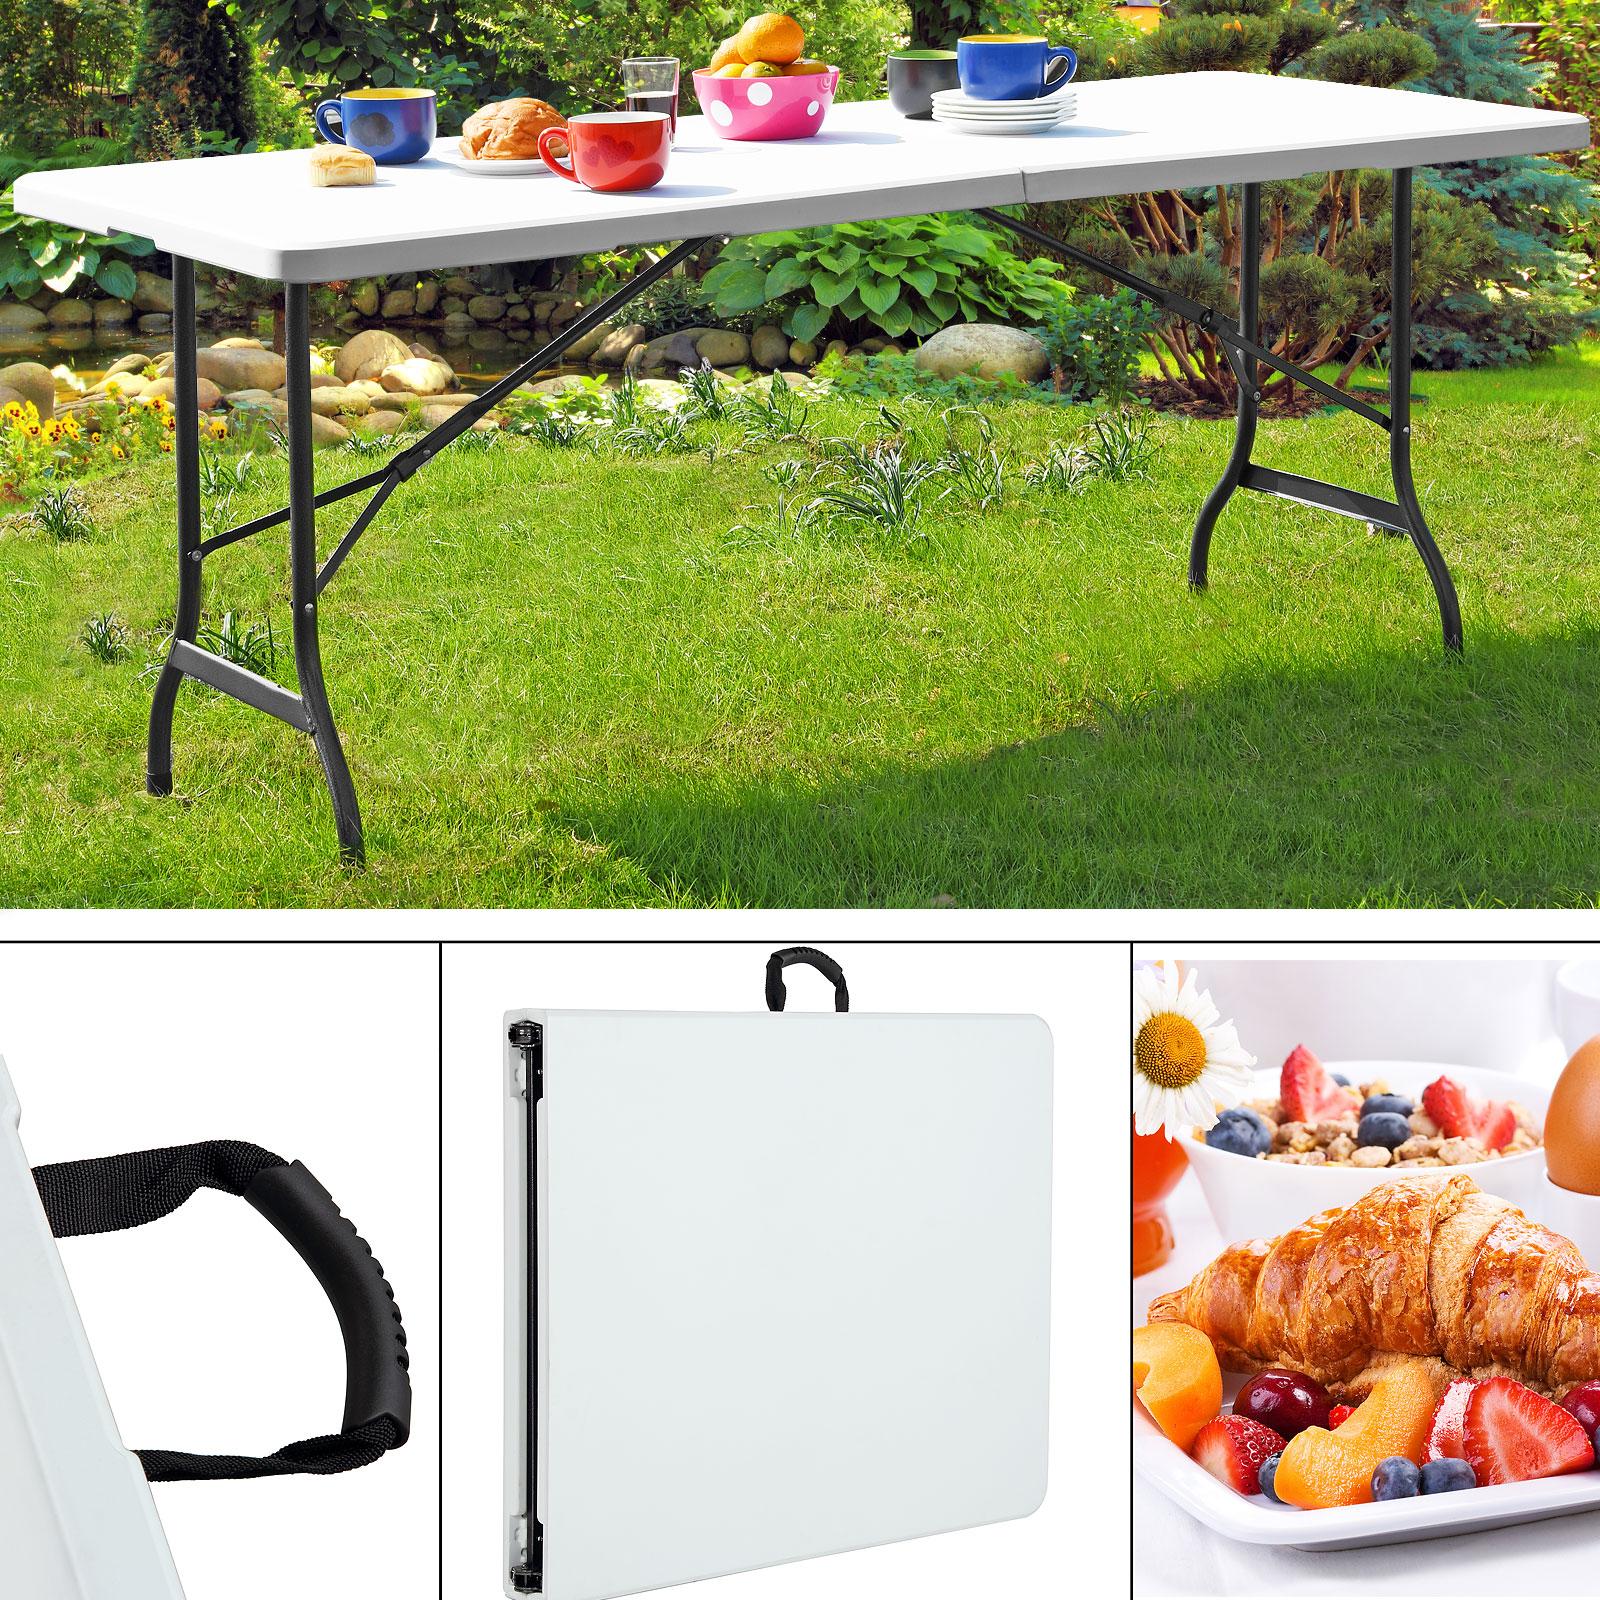 Klapptisch Tisch 240cm Xxl Gartentisch Campingtisch Esstisch